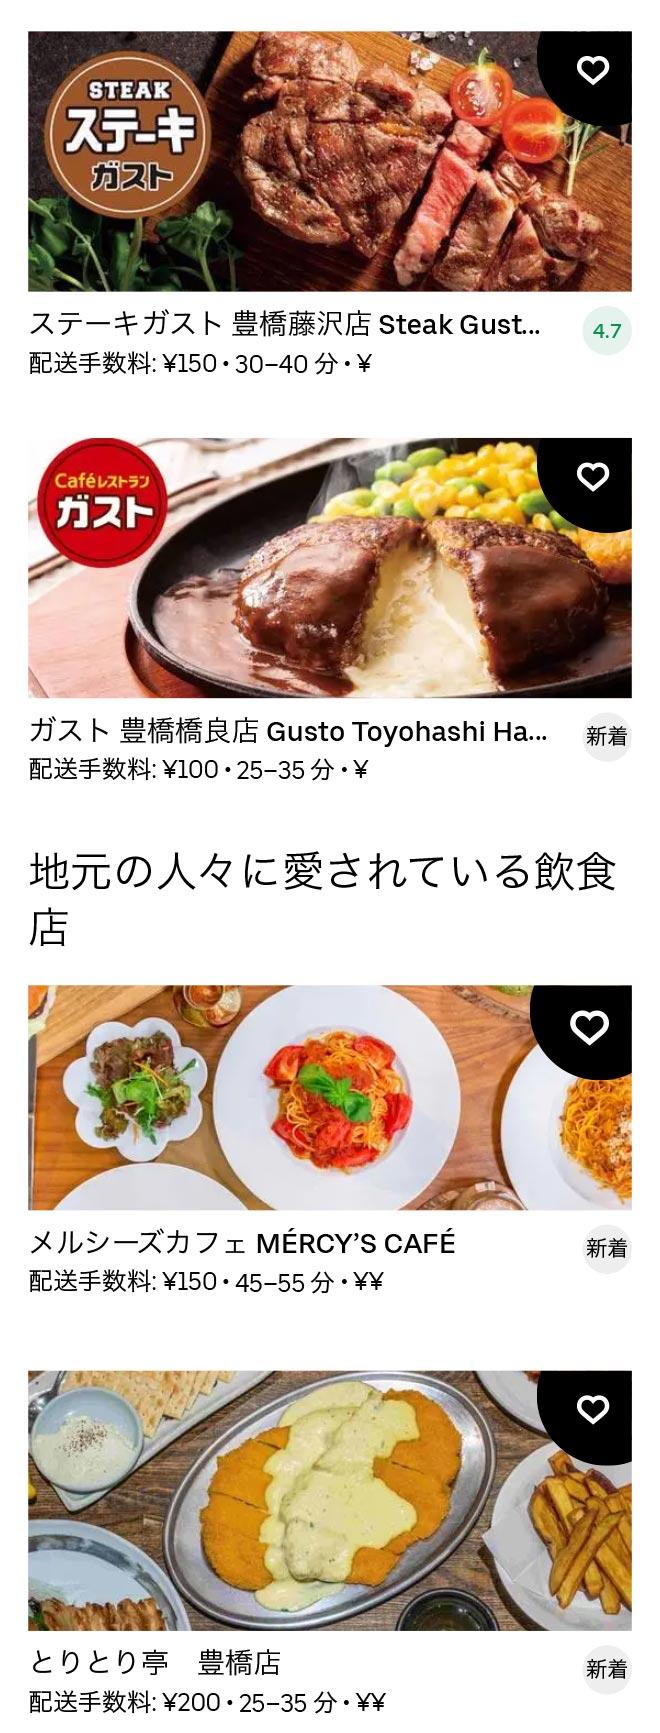 Aichi daigaku menu 2012 04